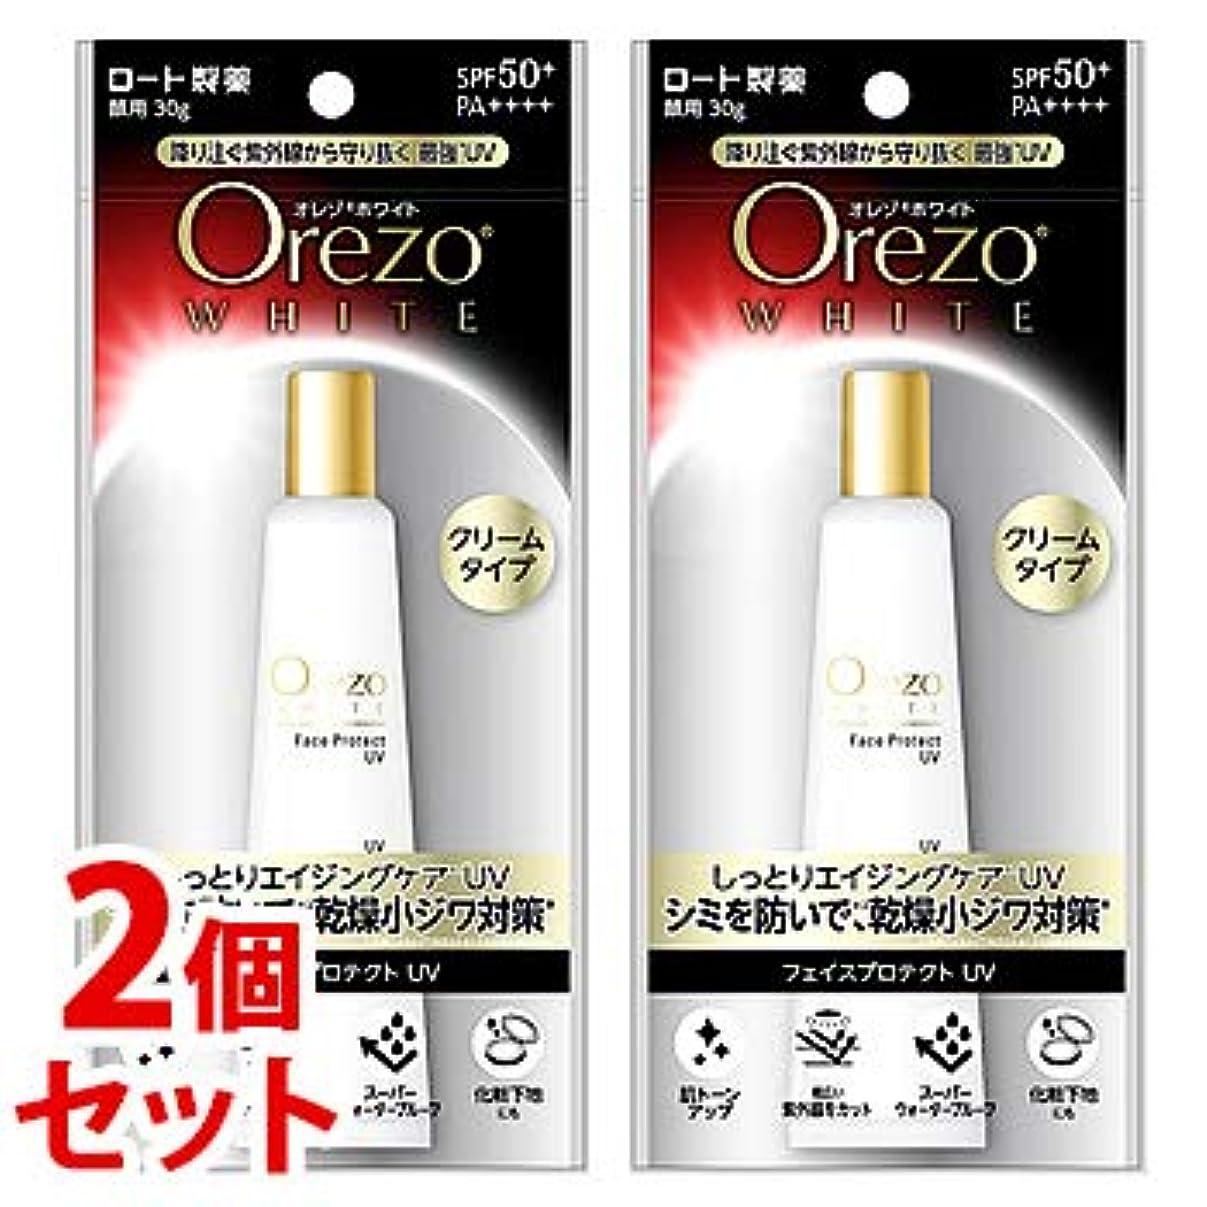 太陽現実発疹《セット販売》 ロート製薬 Orezo オレゾ ホワイト フェイスプロテクトUV SPF50+ PA++++ (30g)×2個セット 顔用 日やけ止め 化粧下地 クリームタイプ